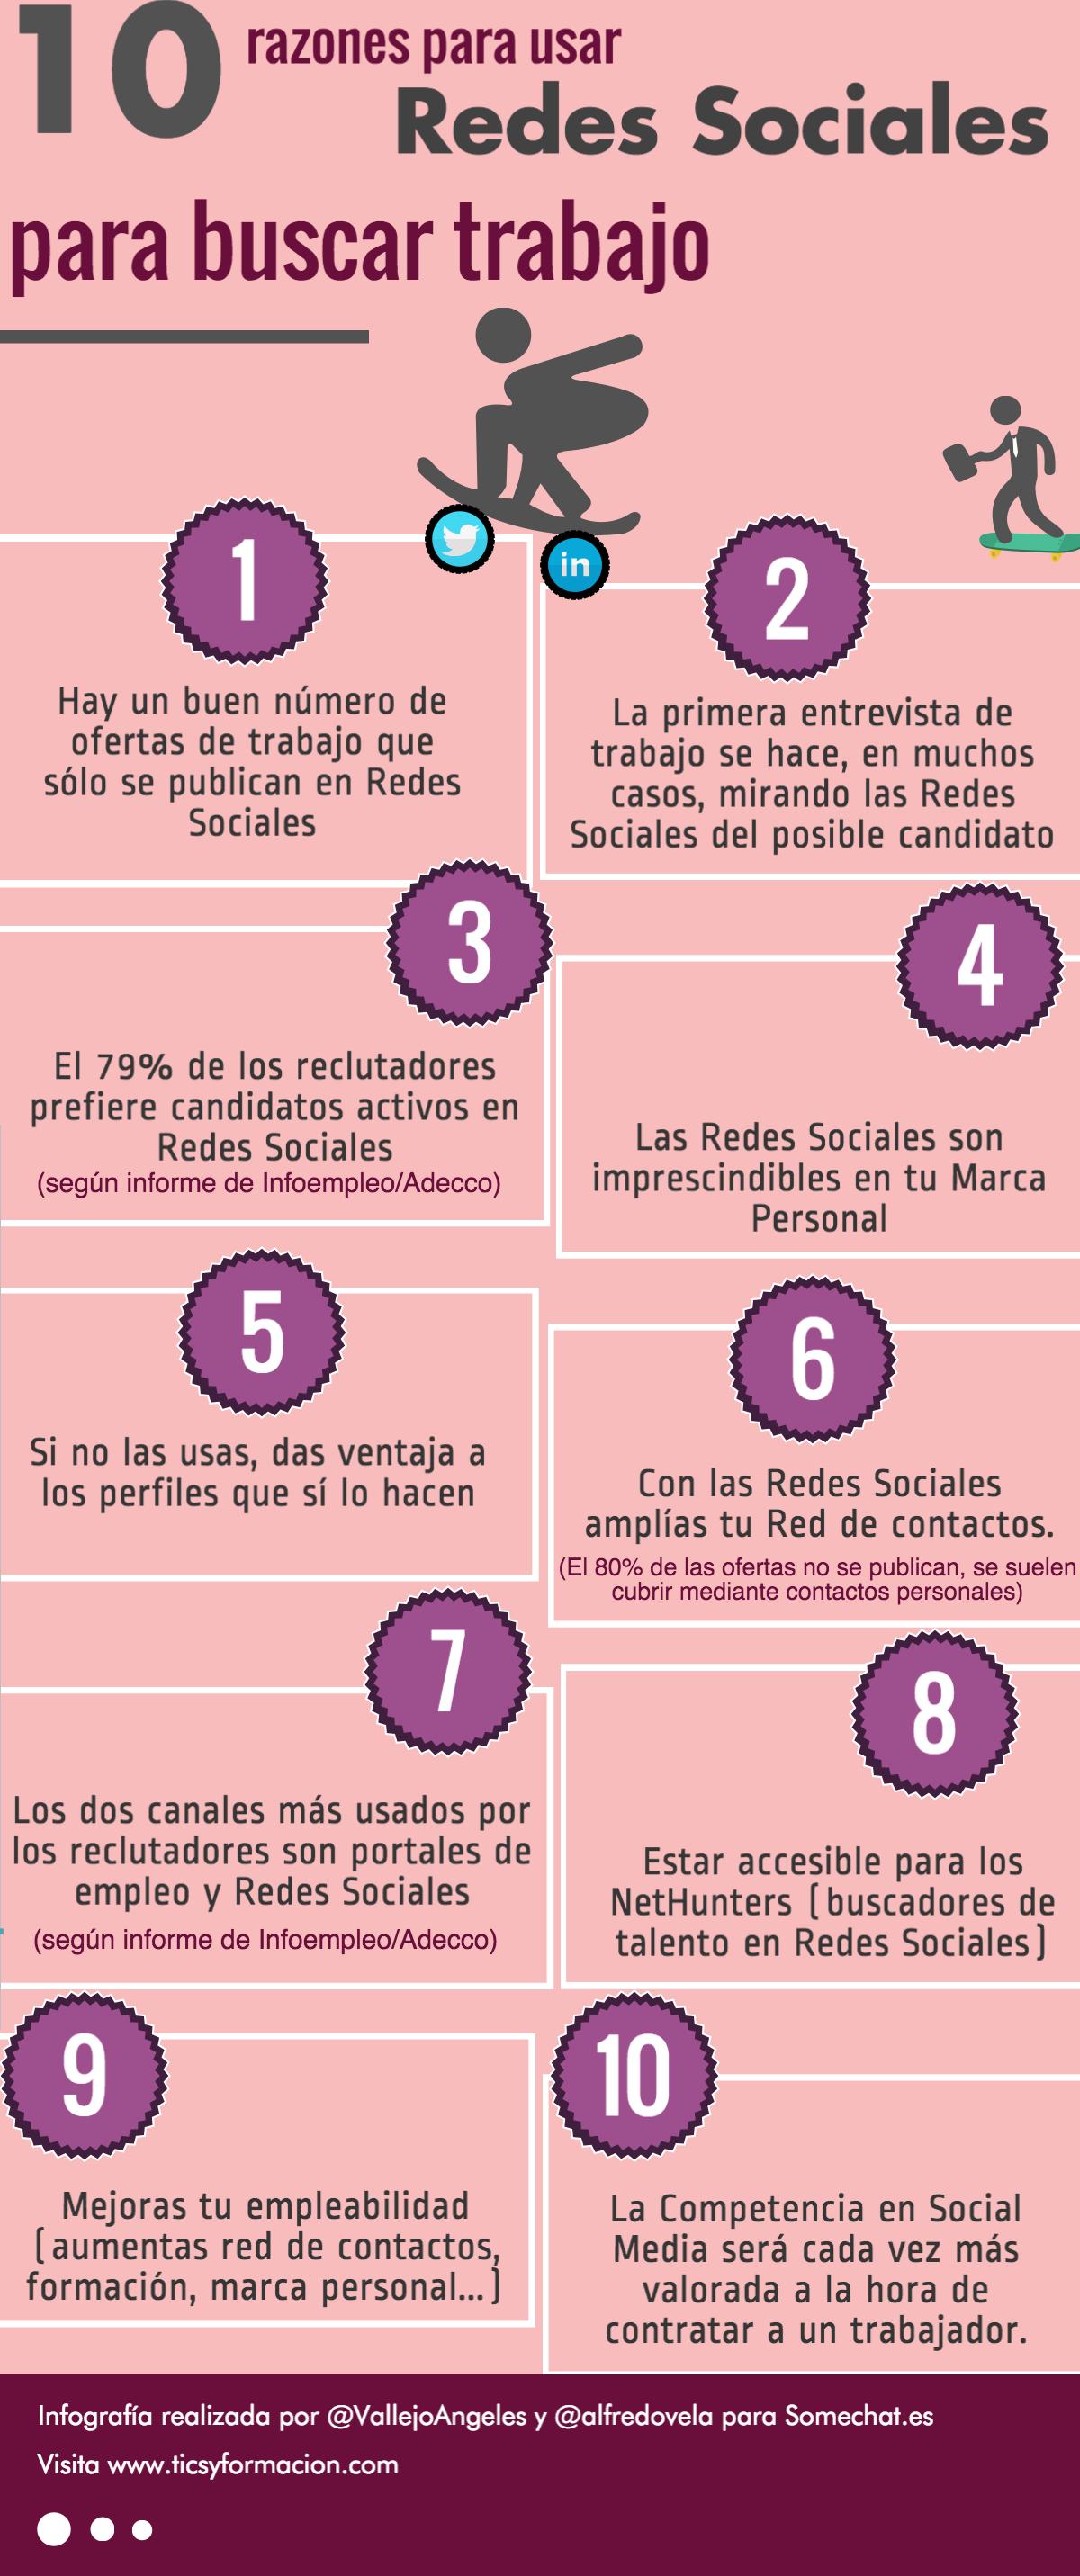 10 Razones Para Usar Redes Sociales Para Buscar Trabajo Infografia Socialmedia Empleo Tics Y Formación Consejos Para La Búsqueda De Empleo Como Encontrar Trabajo Busqueda De Trabajo